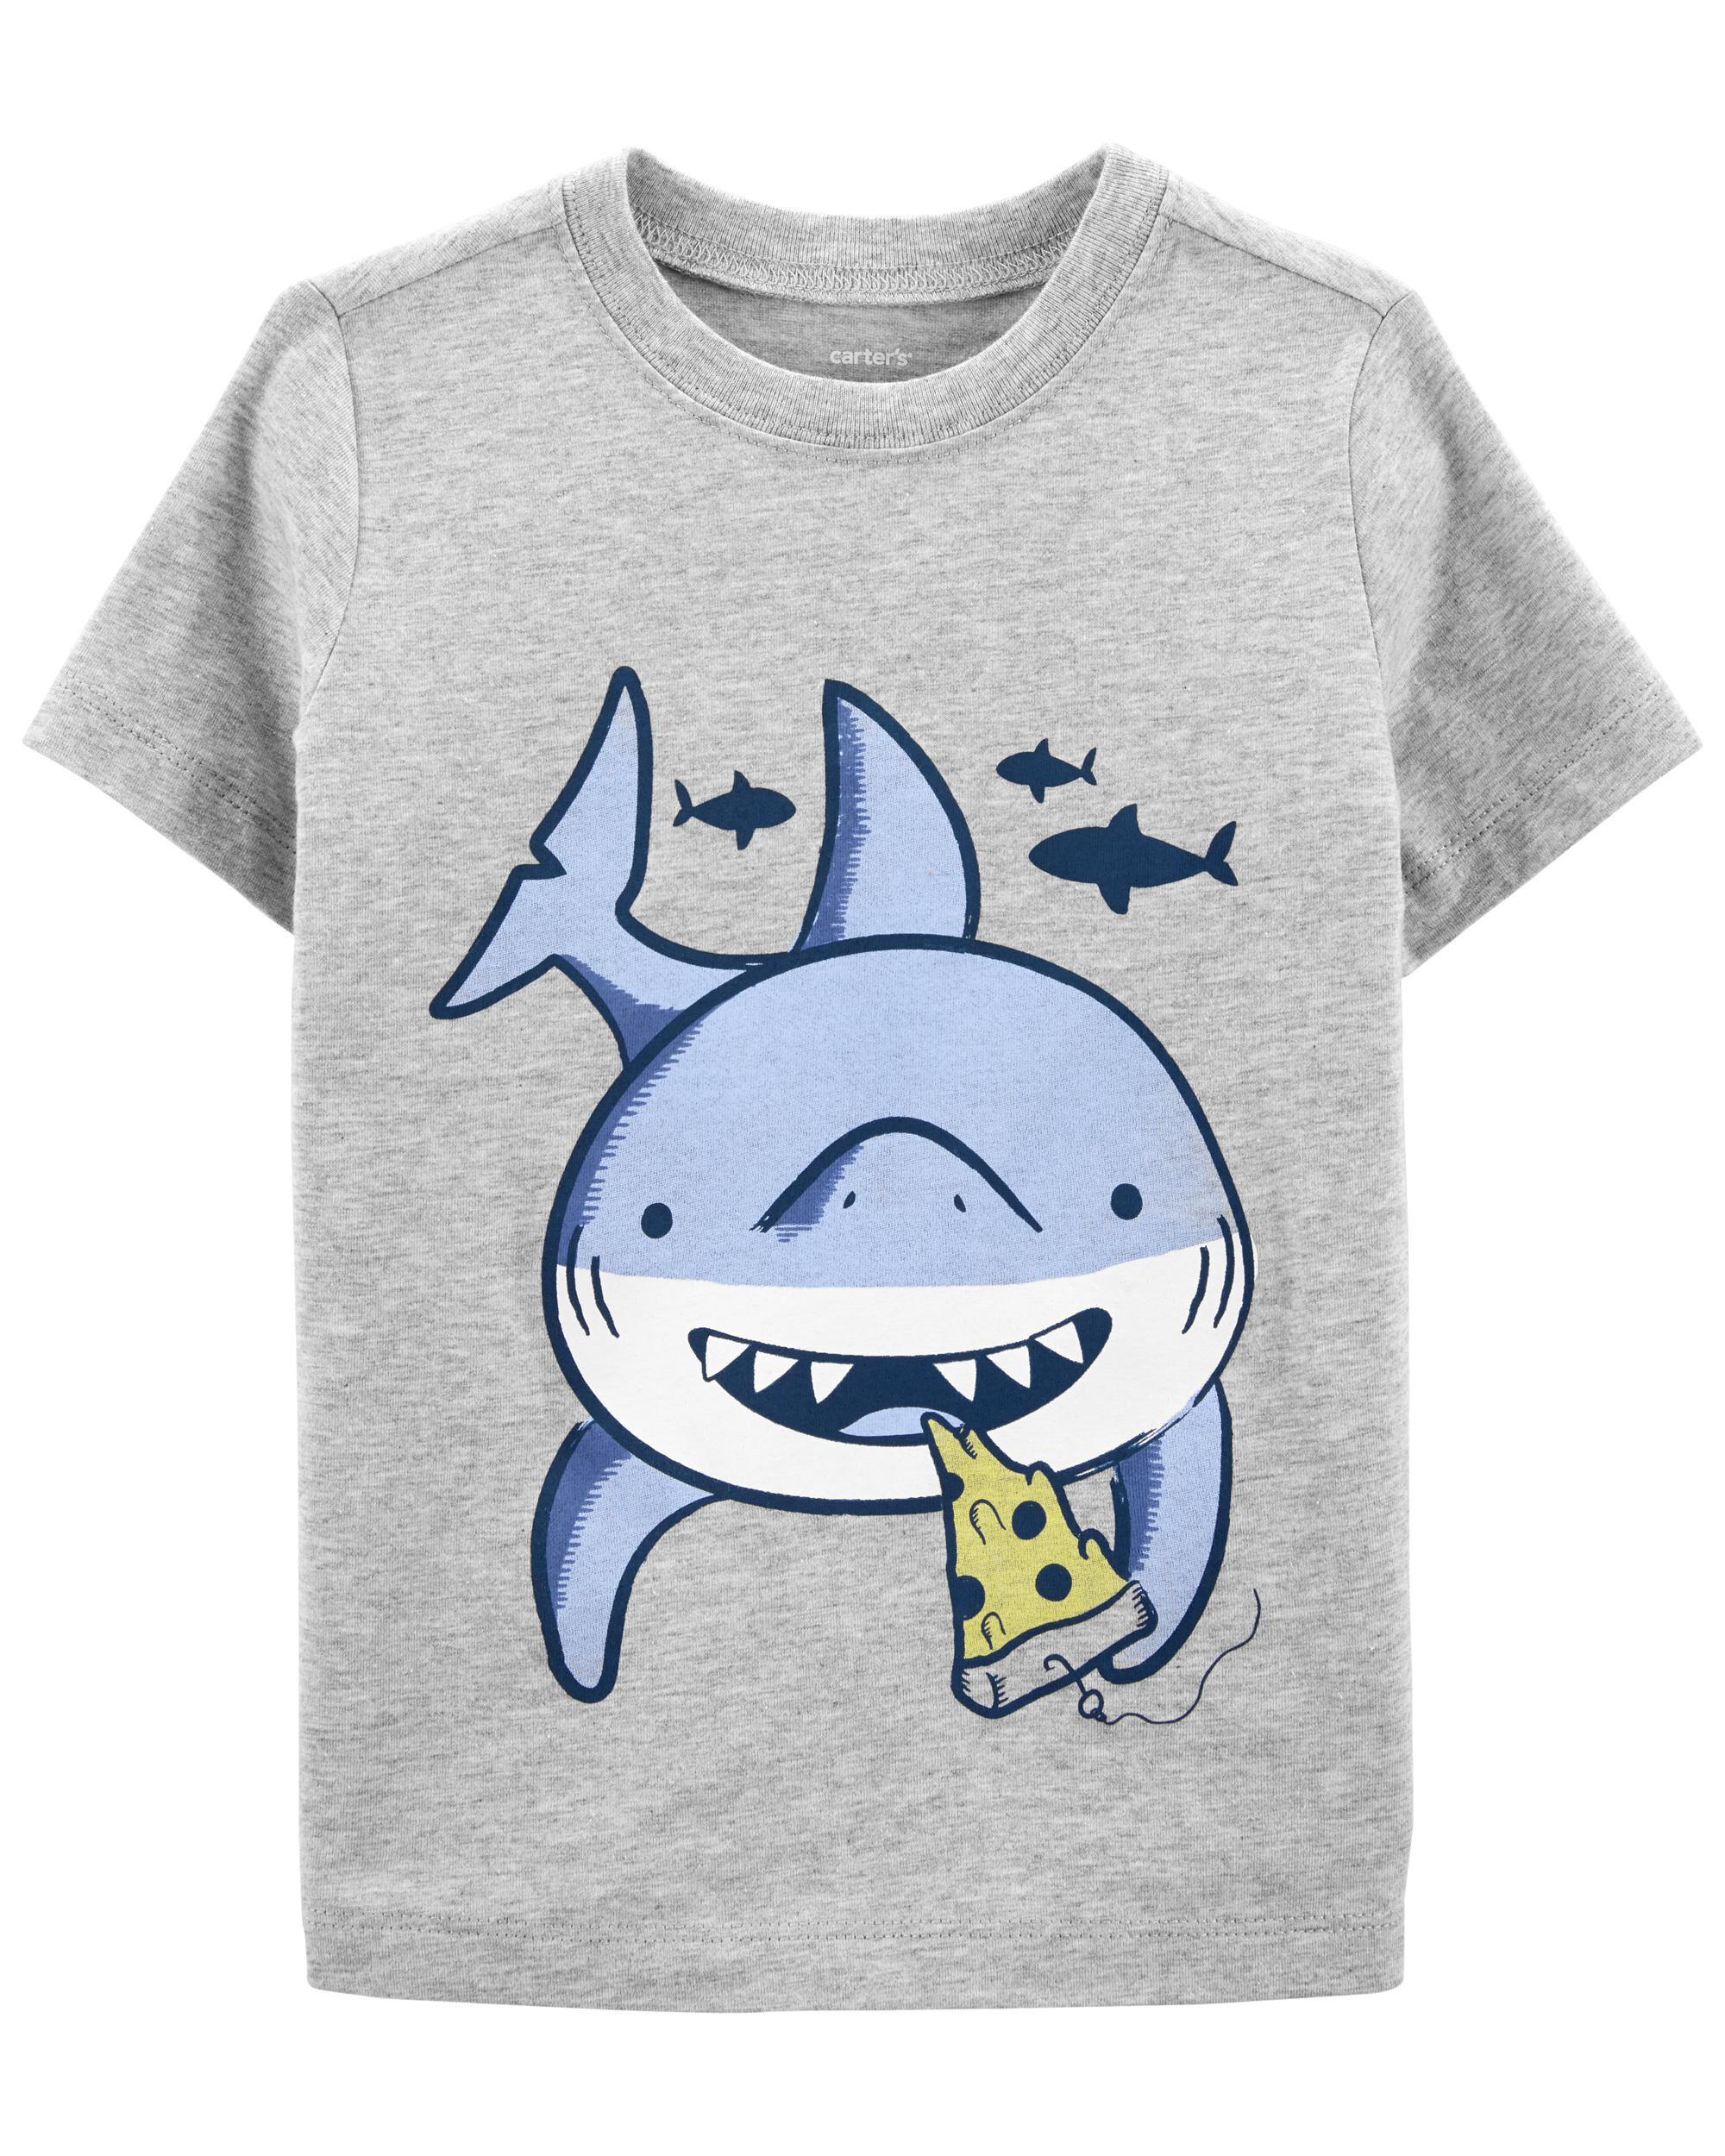 *DOORBUSTER* Shark Jersey Tee